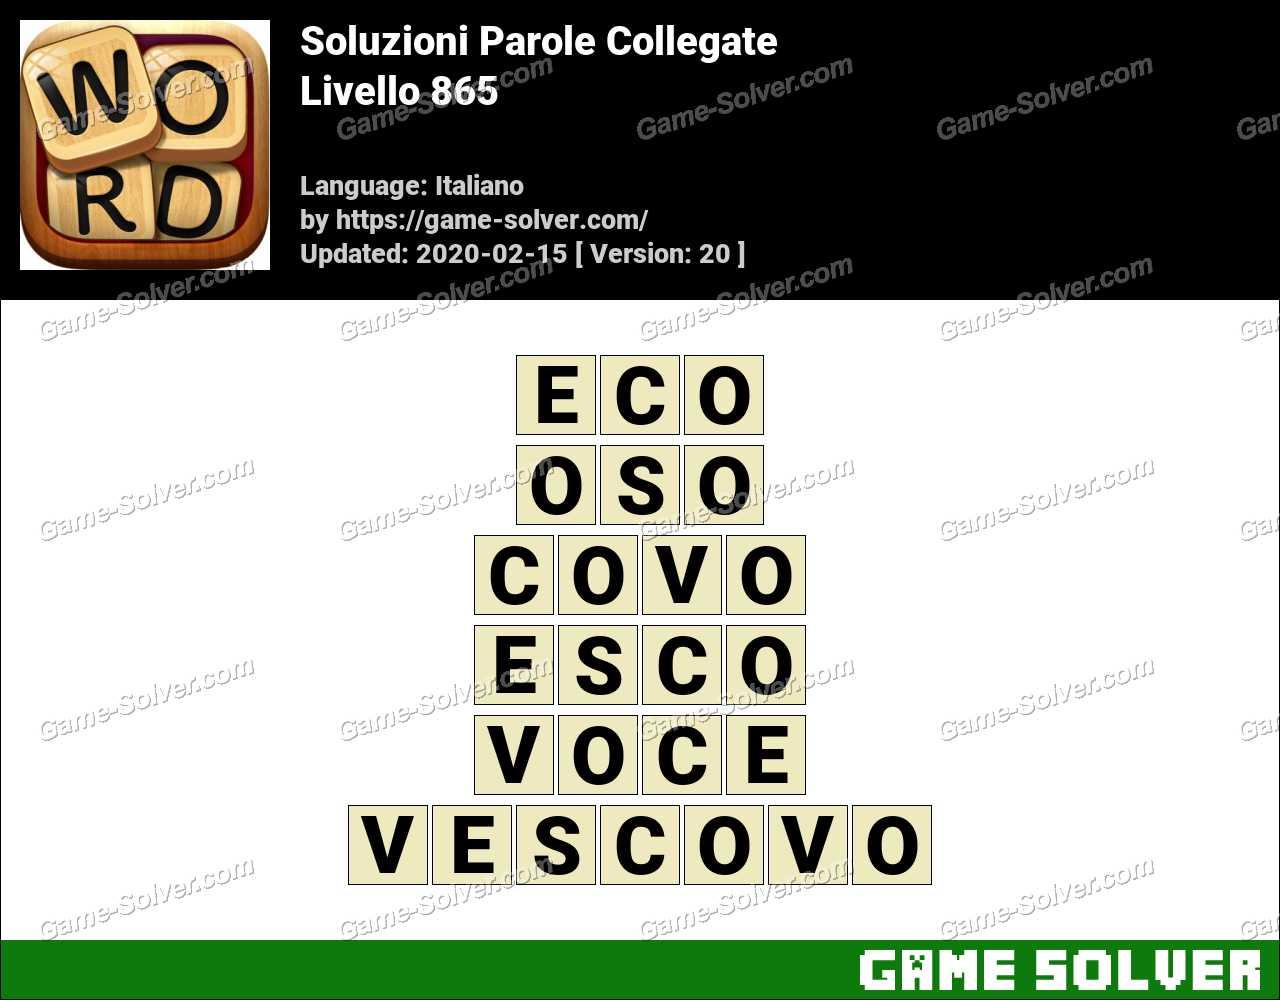 Soluzioni Parole Collegate Livello 865